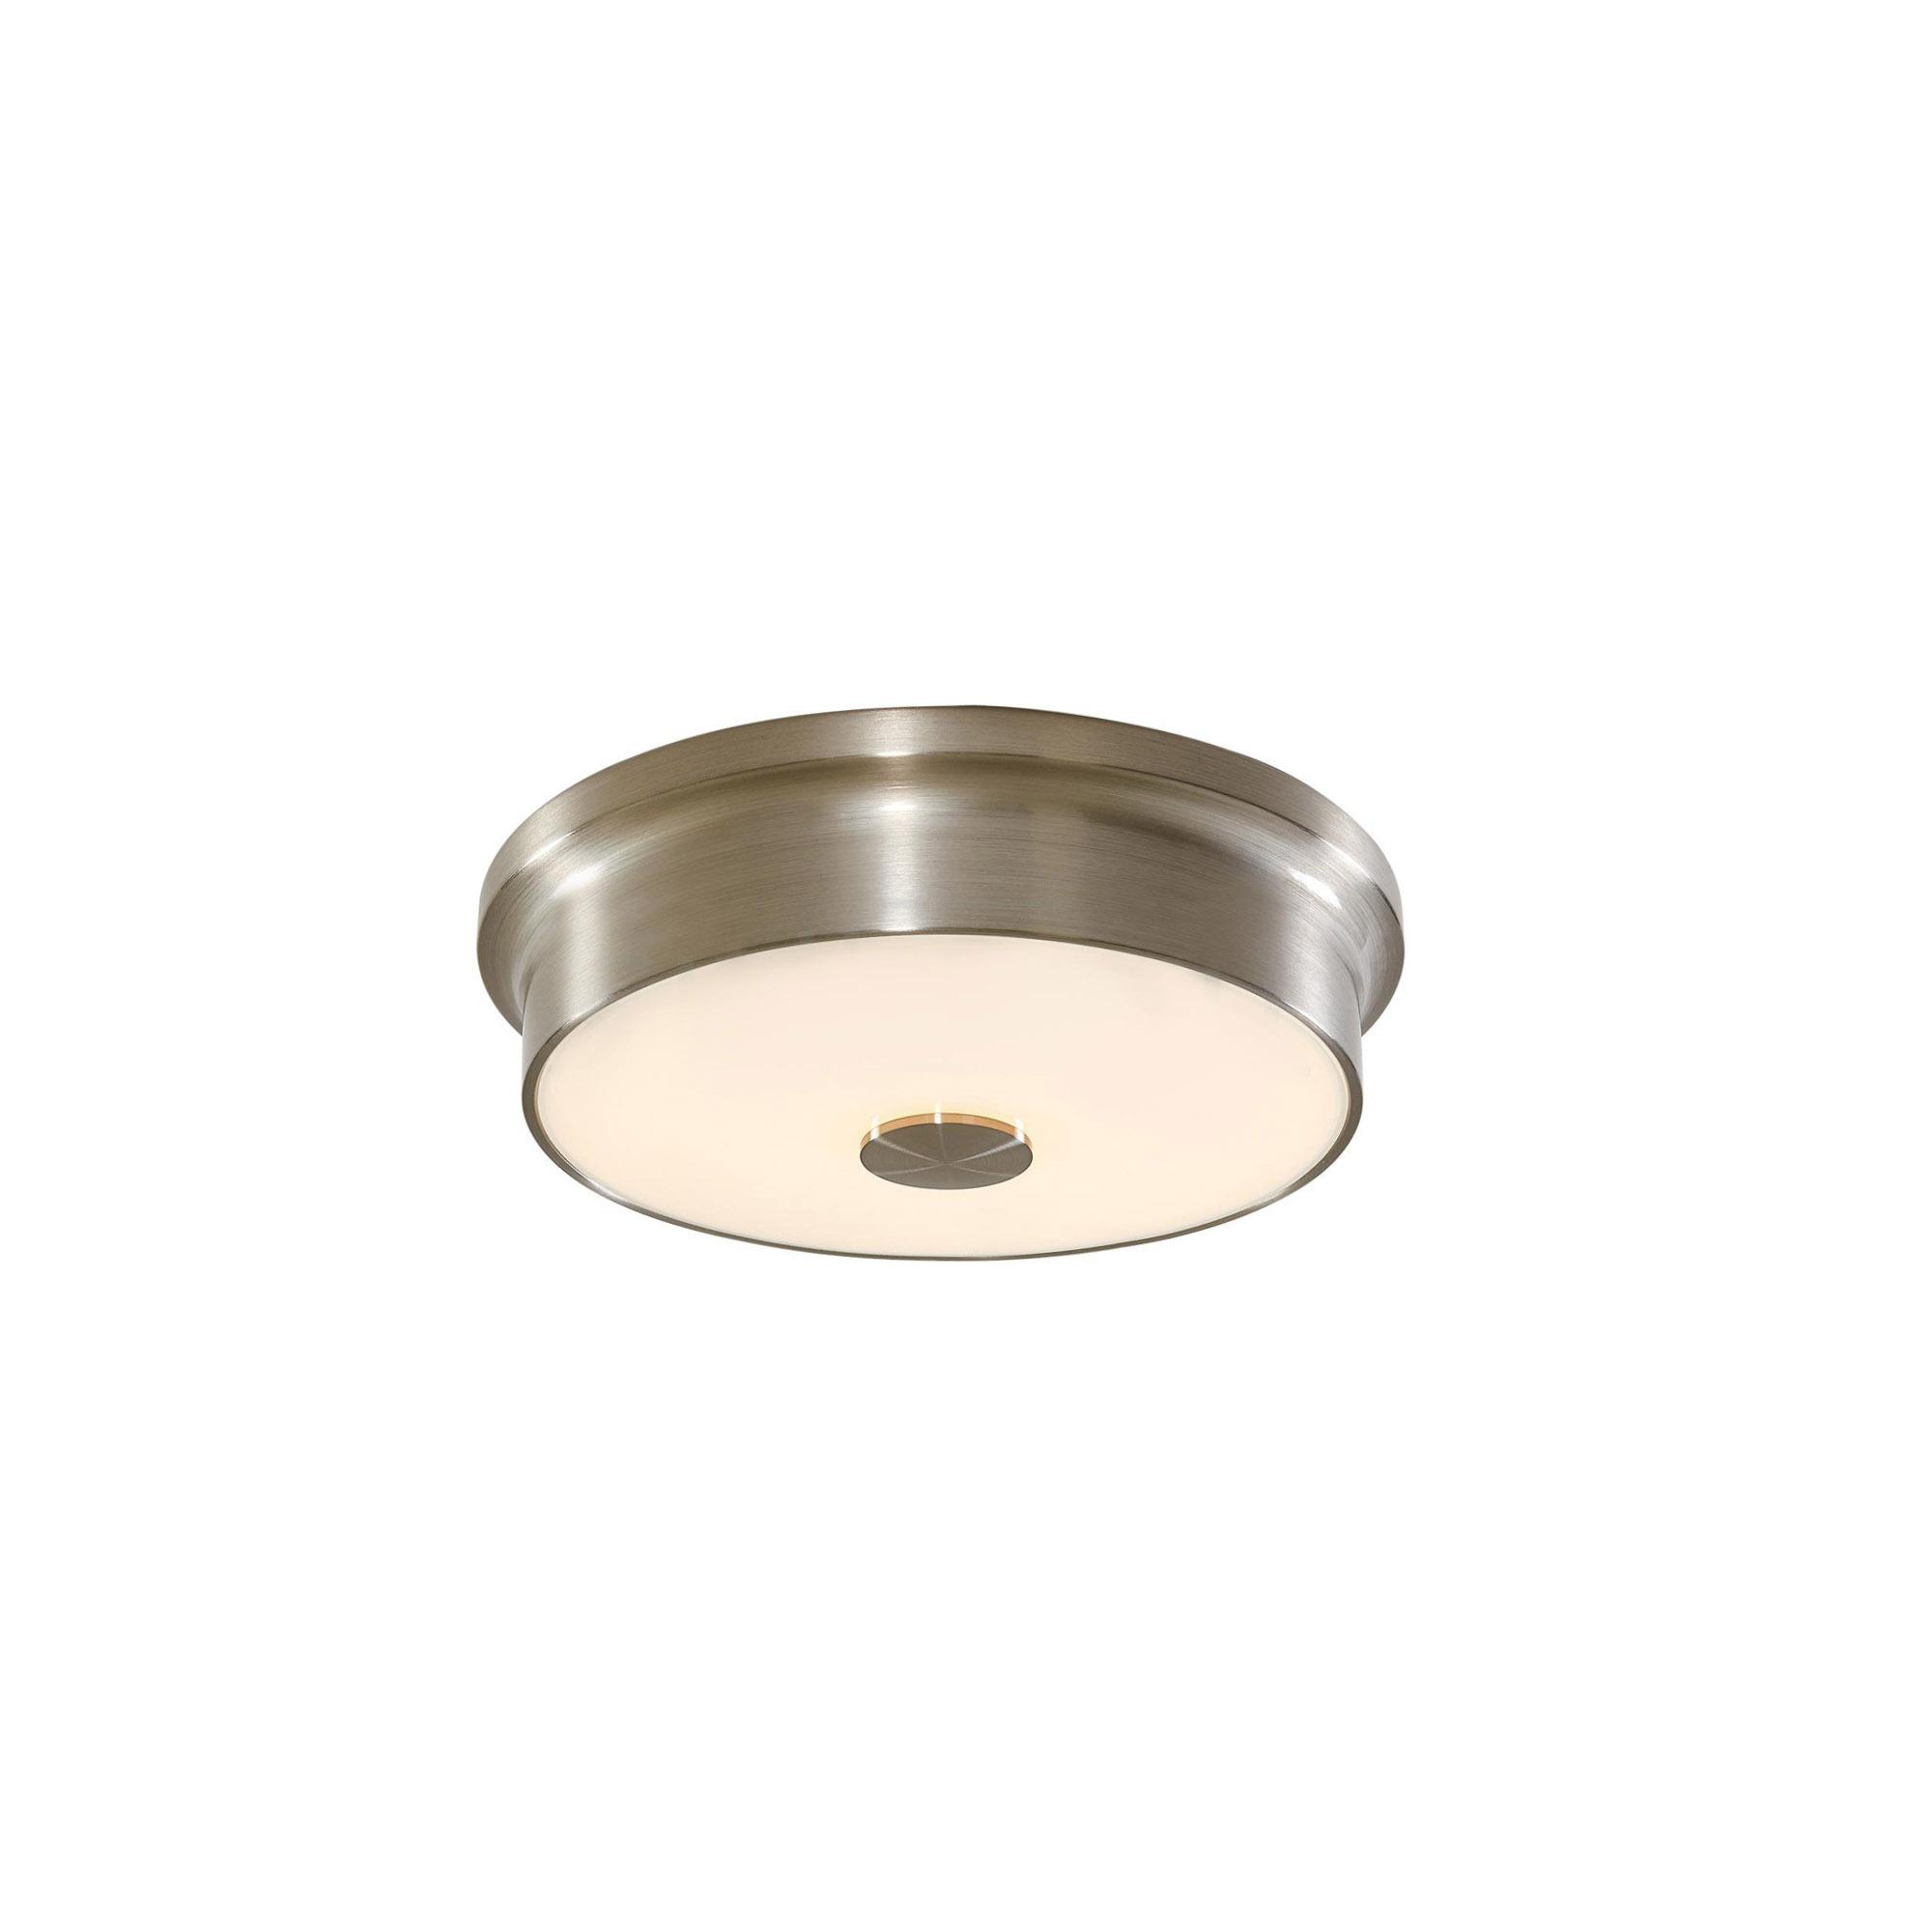 Светильник накладной светодиодный Citilux Фостер-2 хром матовый CL706211 фото